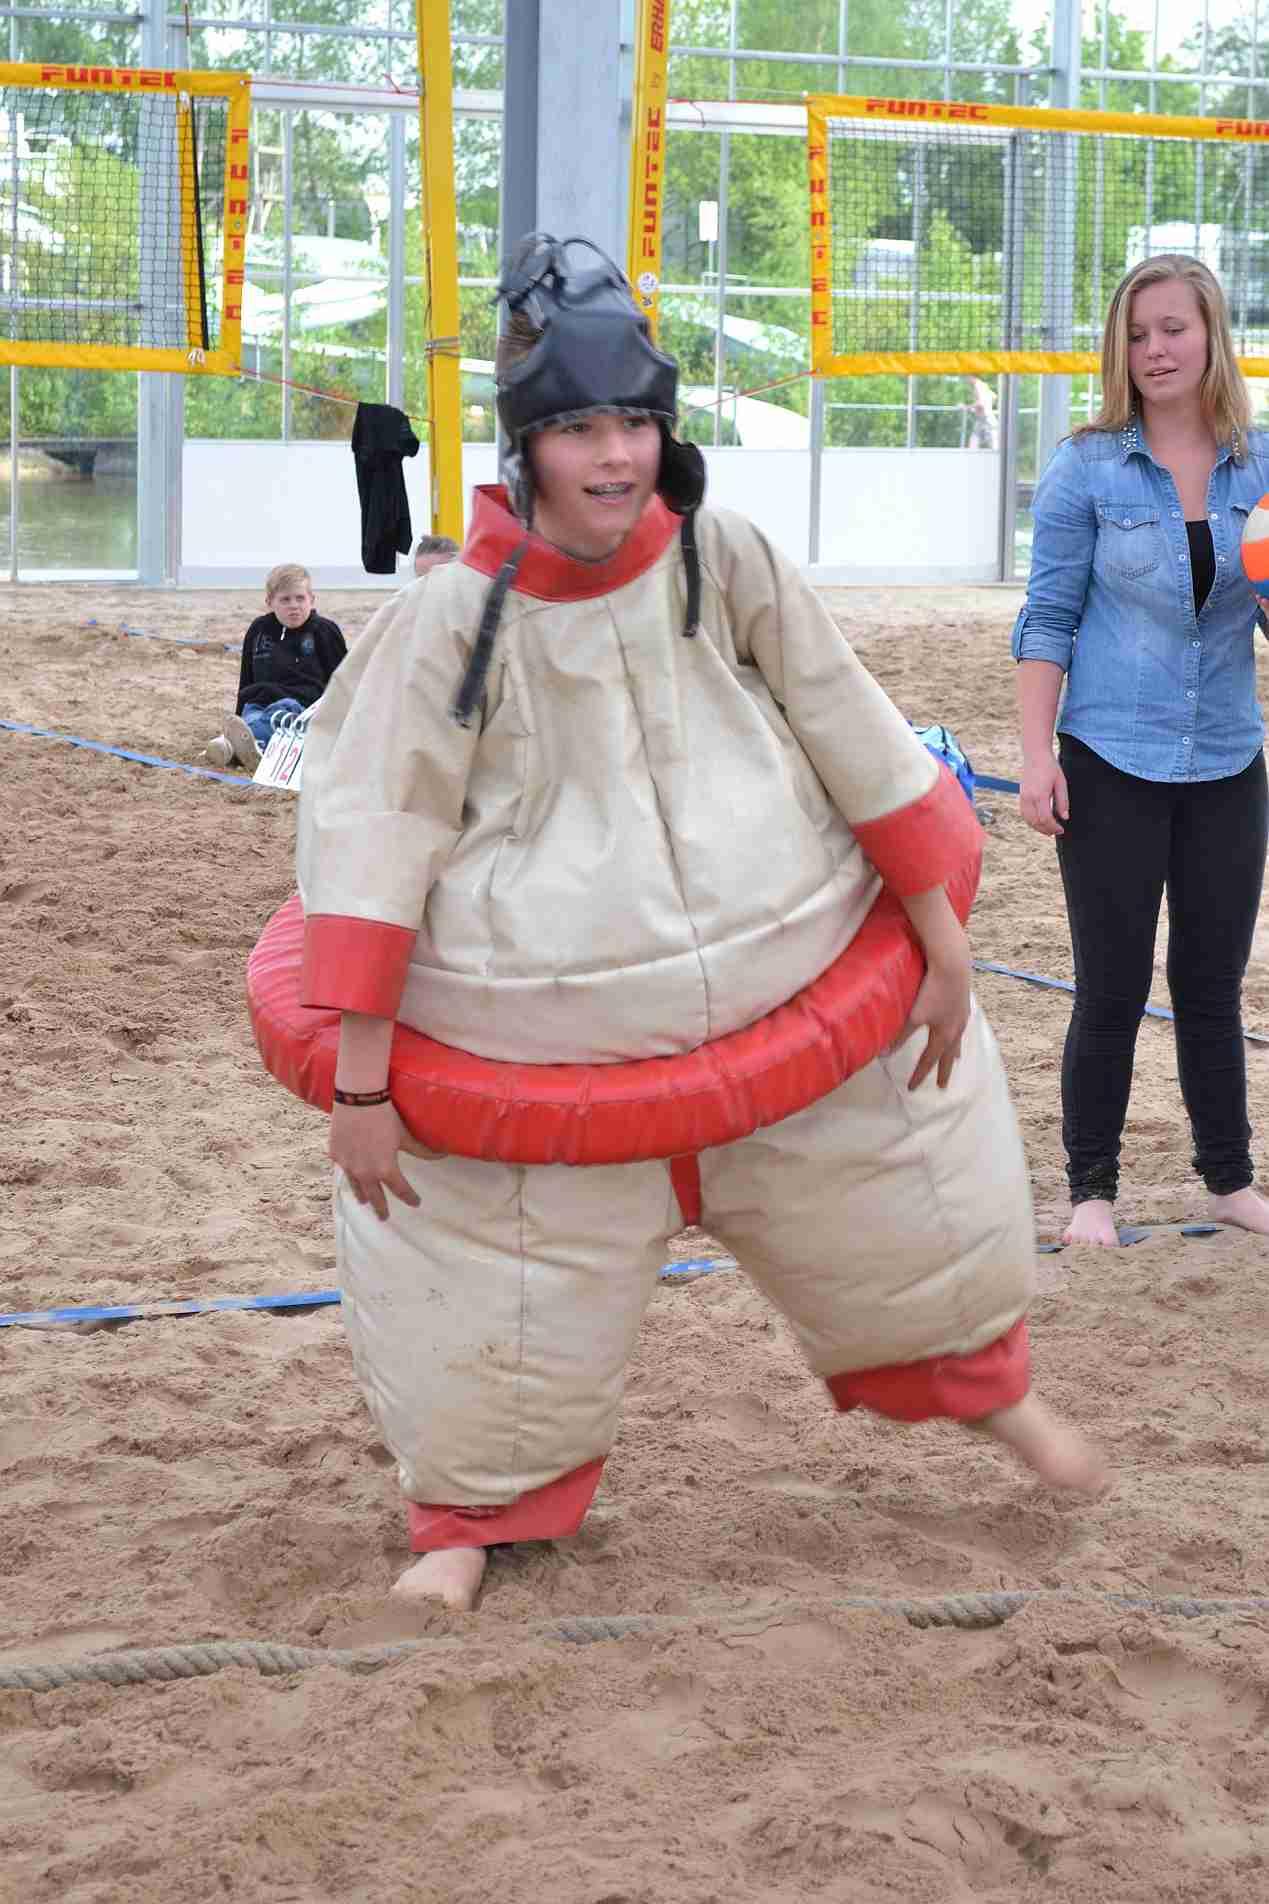 Gezellig, actief en gaaf kinderfeestje in Hardenberg - Cool kinderfeestje in Hardenberg